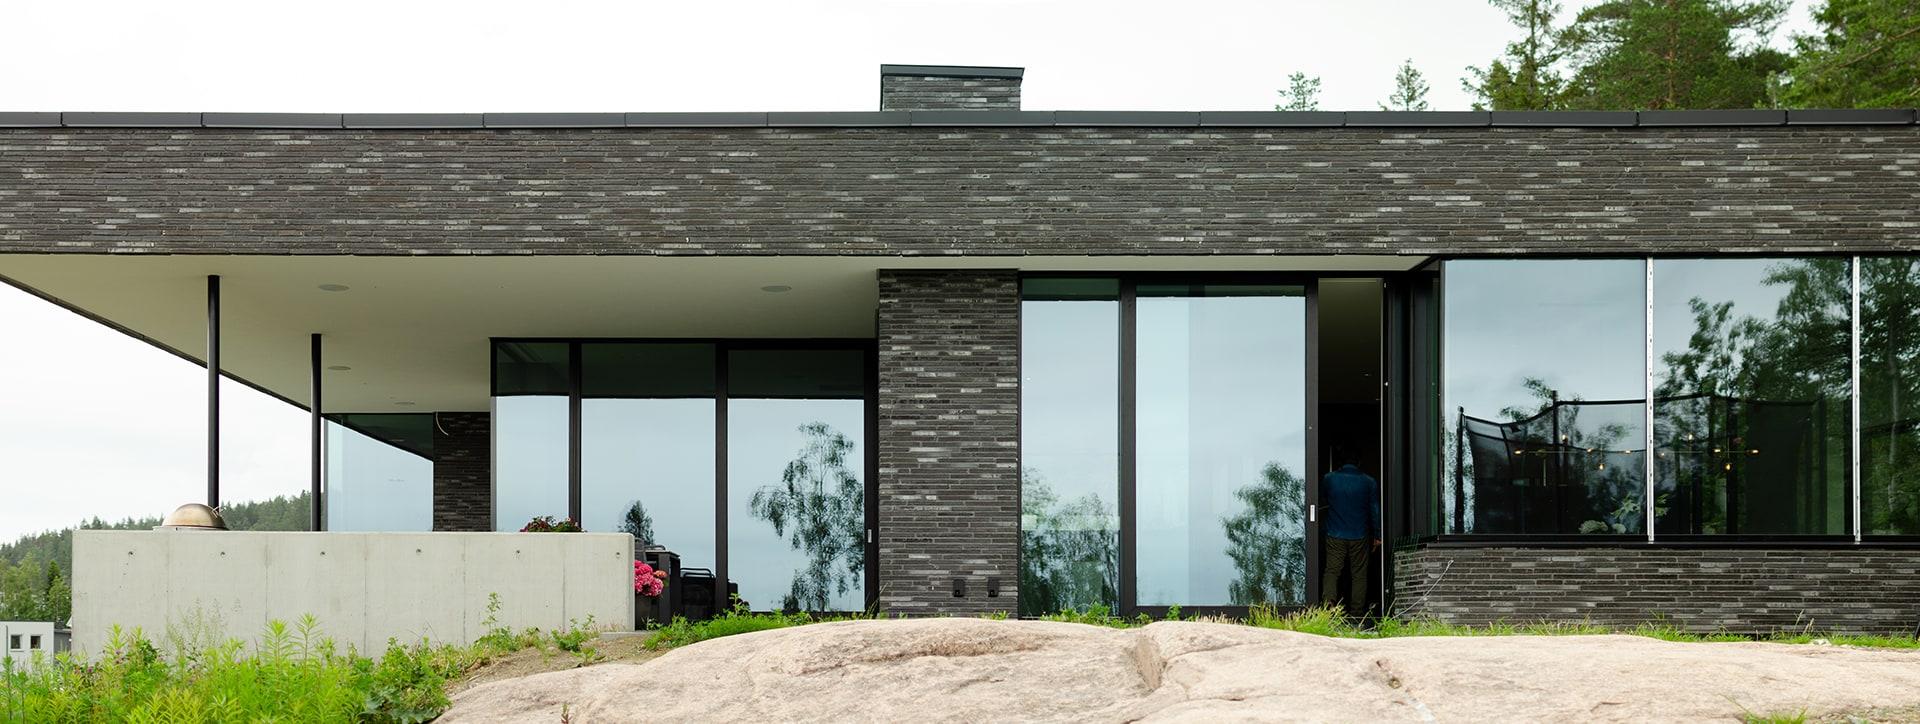 Lier, bolig, panorama, Driv Arkitekter